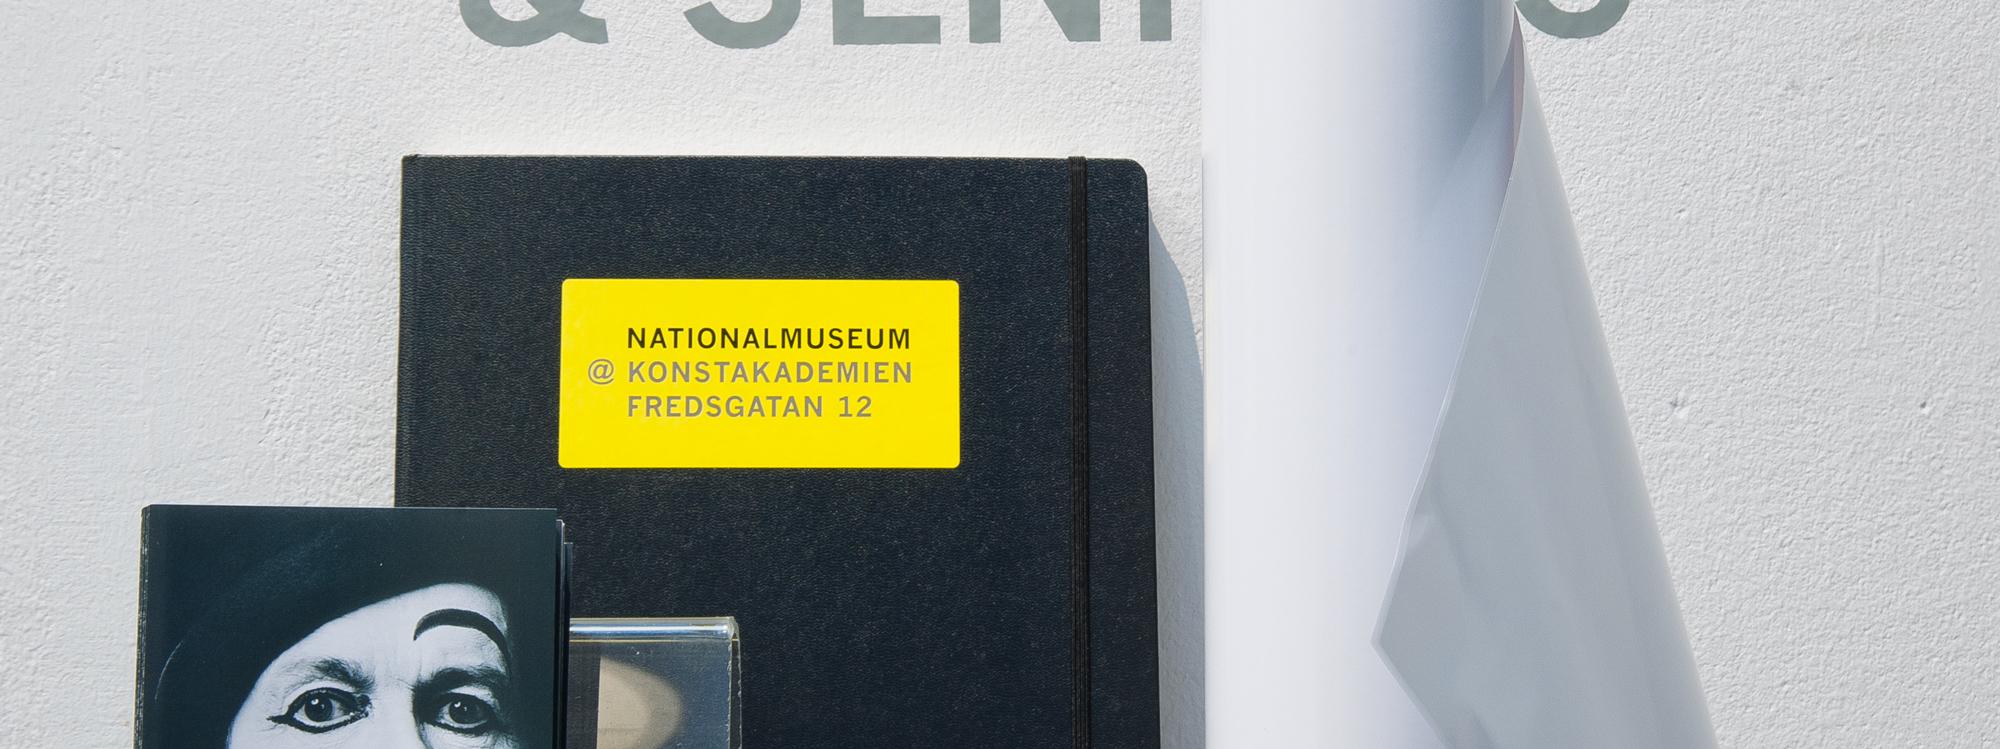 NATIONALMUSEUM @ KONSTAKADEMIEN